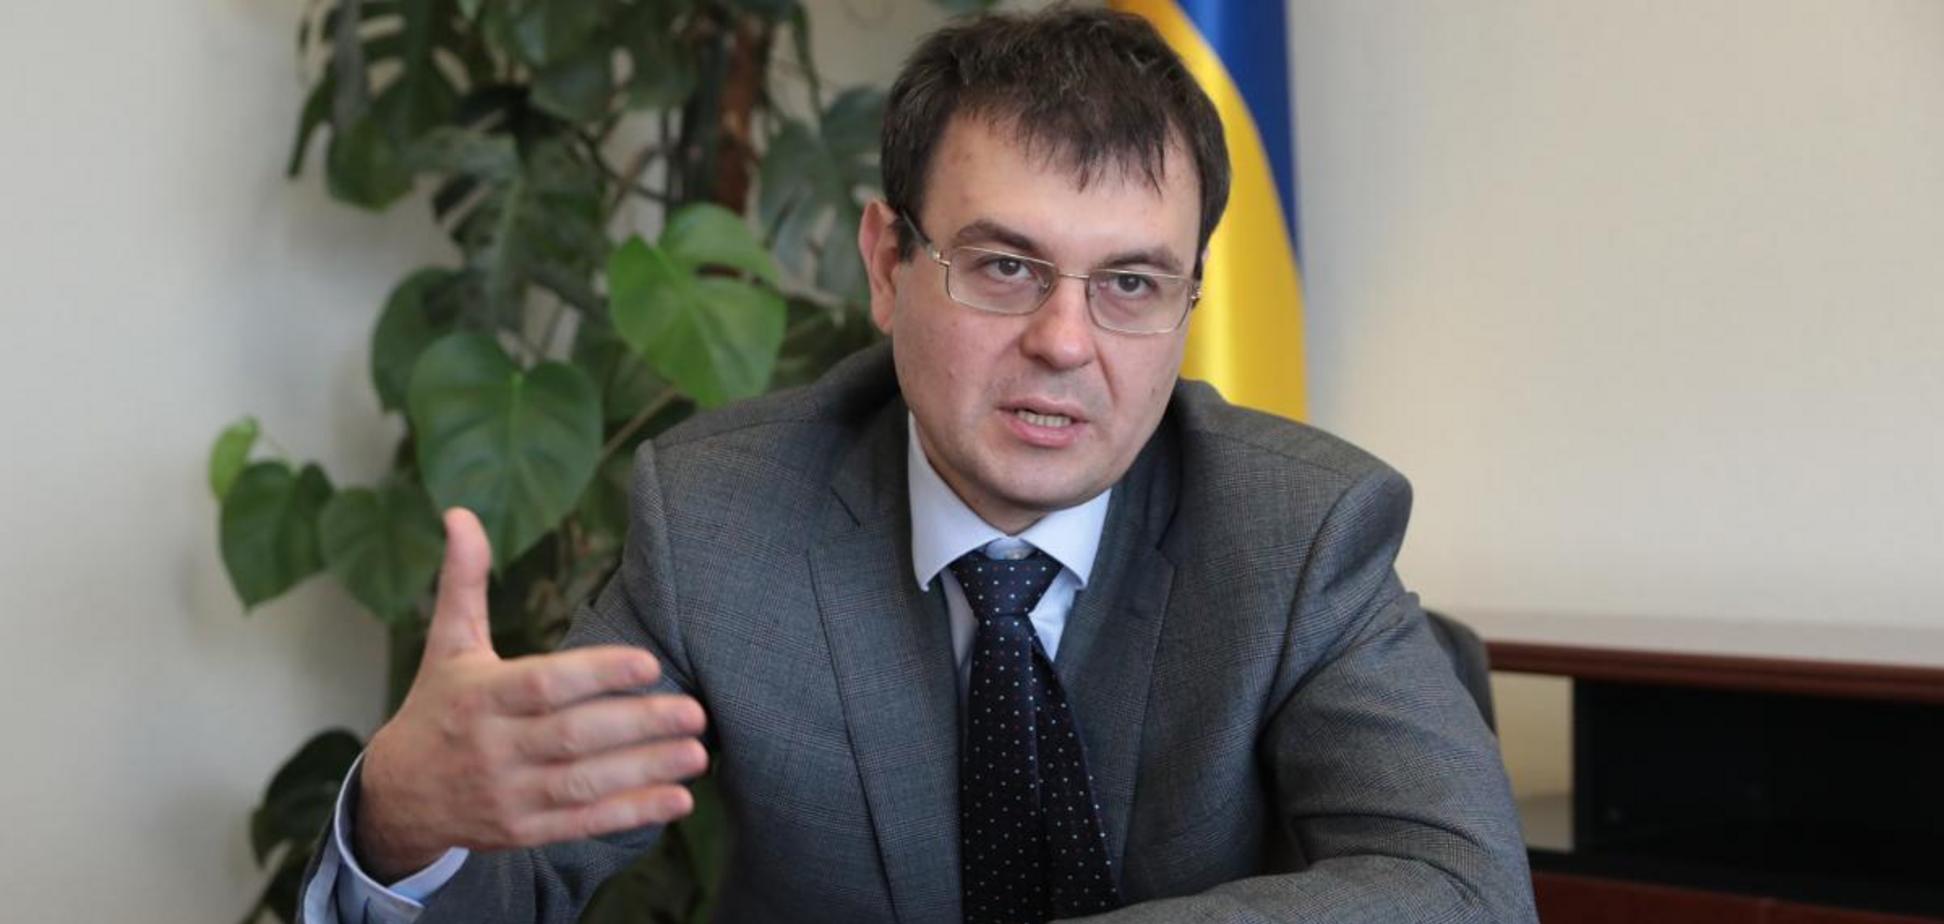 Данил Гетманцев, нардеп от 'Слуги народа'